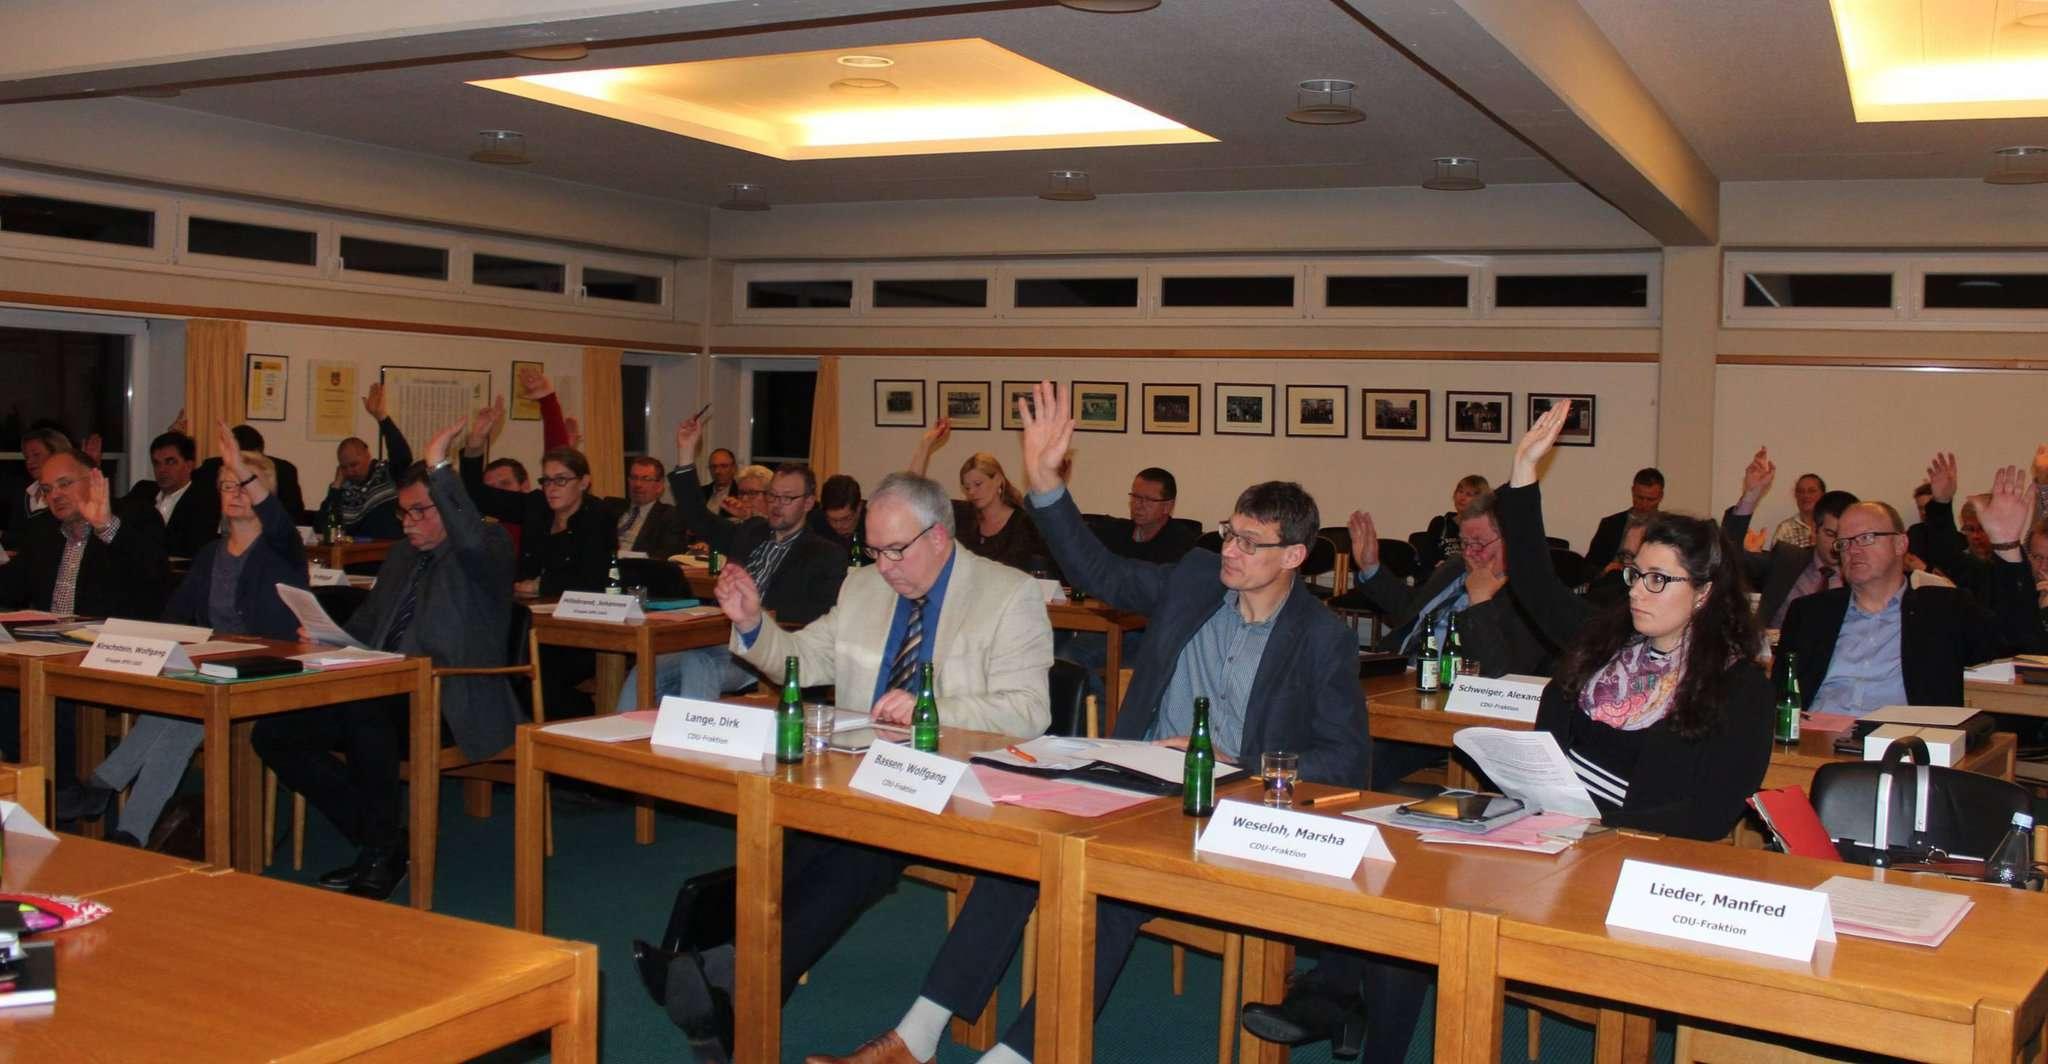 Mit einer Enthaltung stimmte der Rat der Gemeinde Scheeßel einstimmig dafür, die Stellungnahmen der Ortsräte an den Landkreis weiterzuleiten. Foto: Ann-Christin Beims